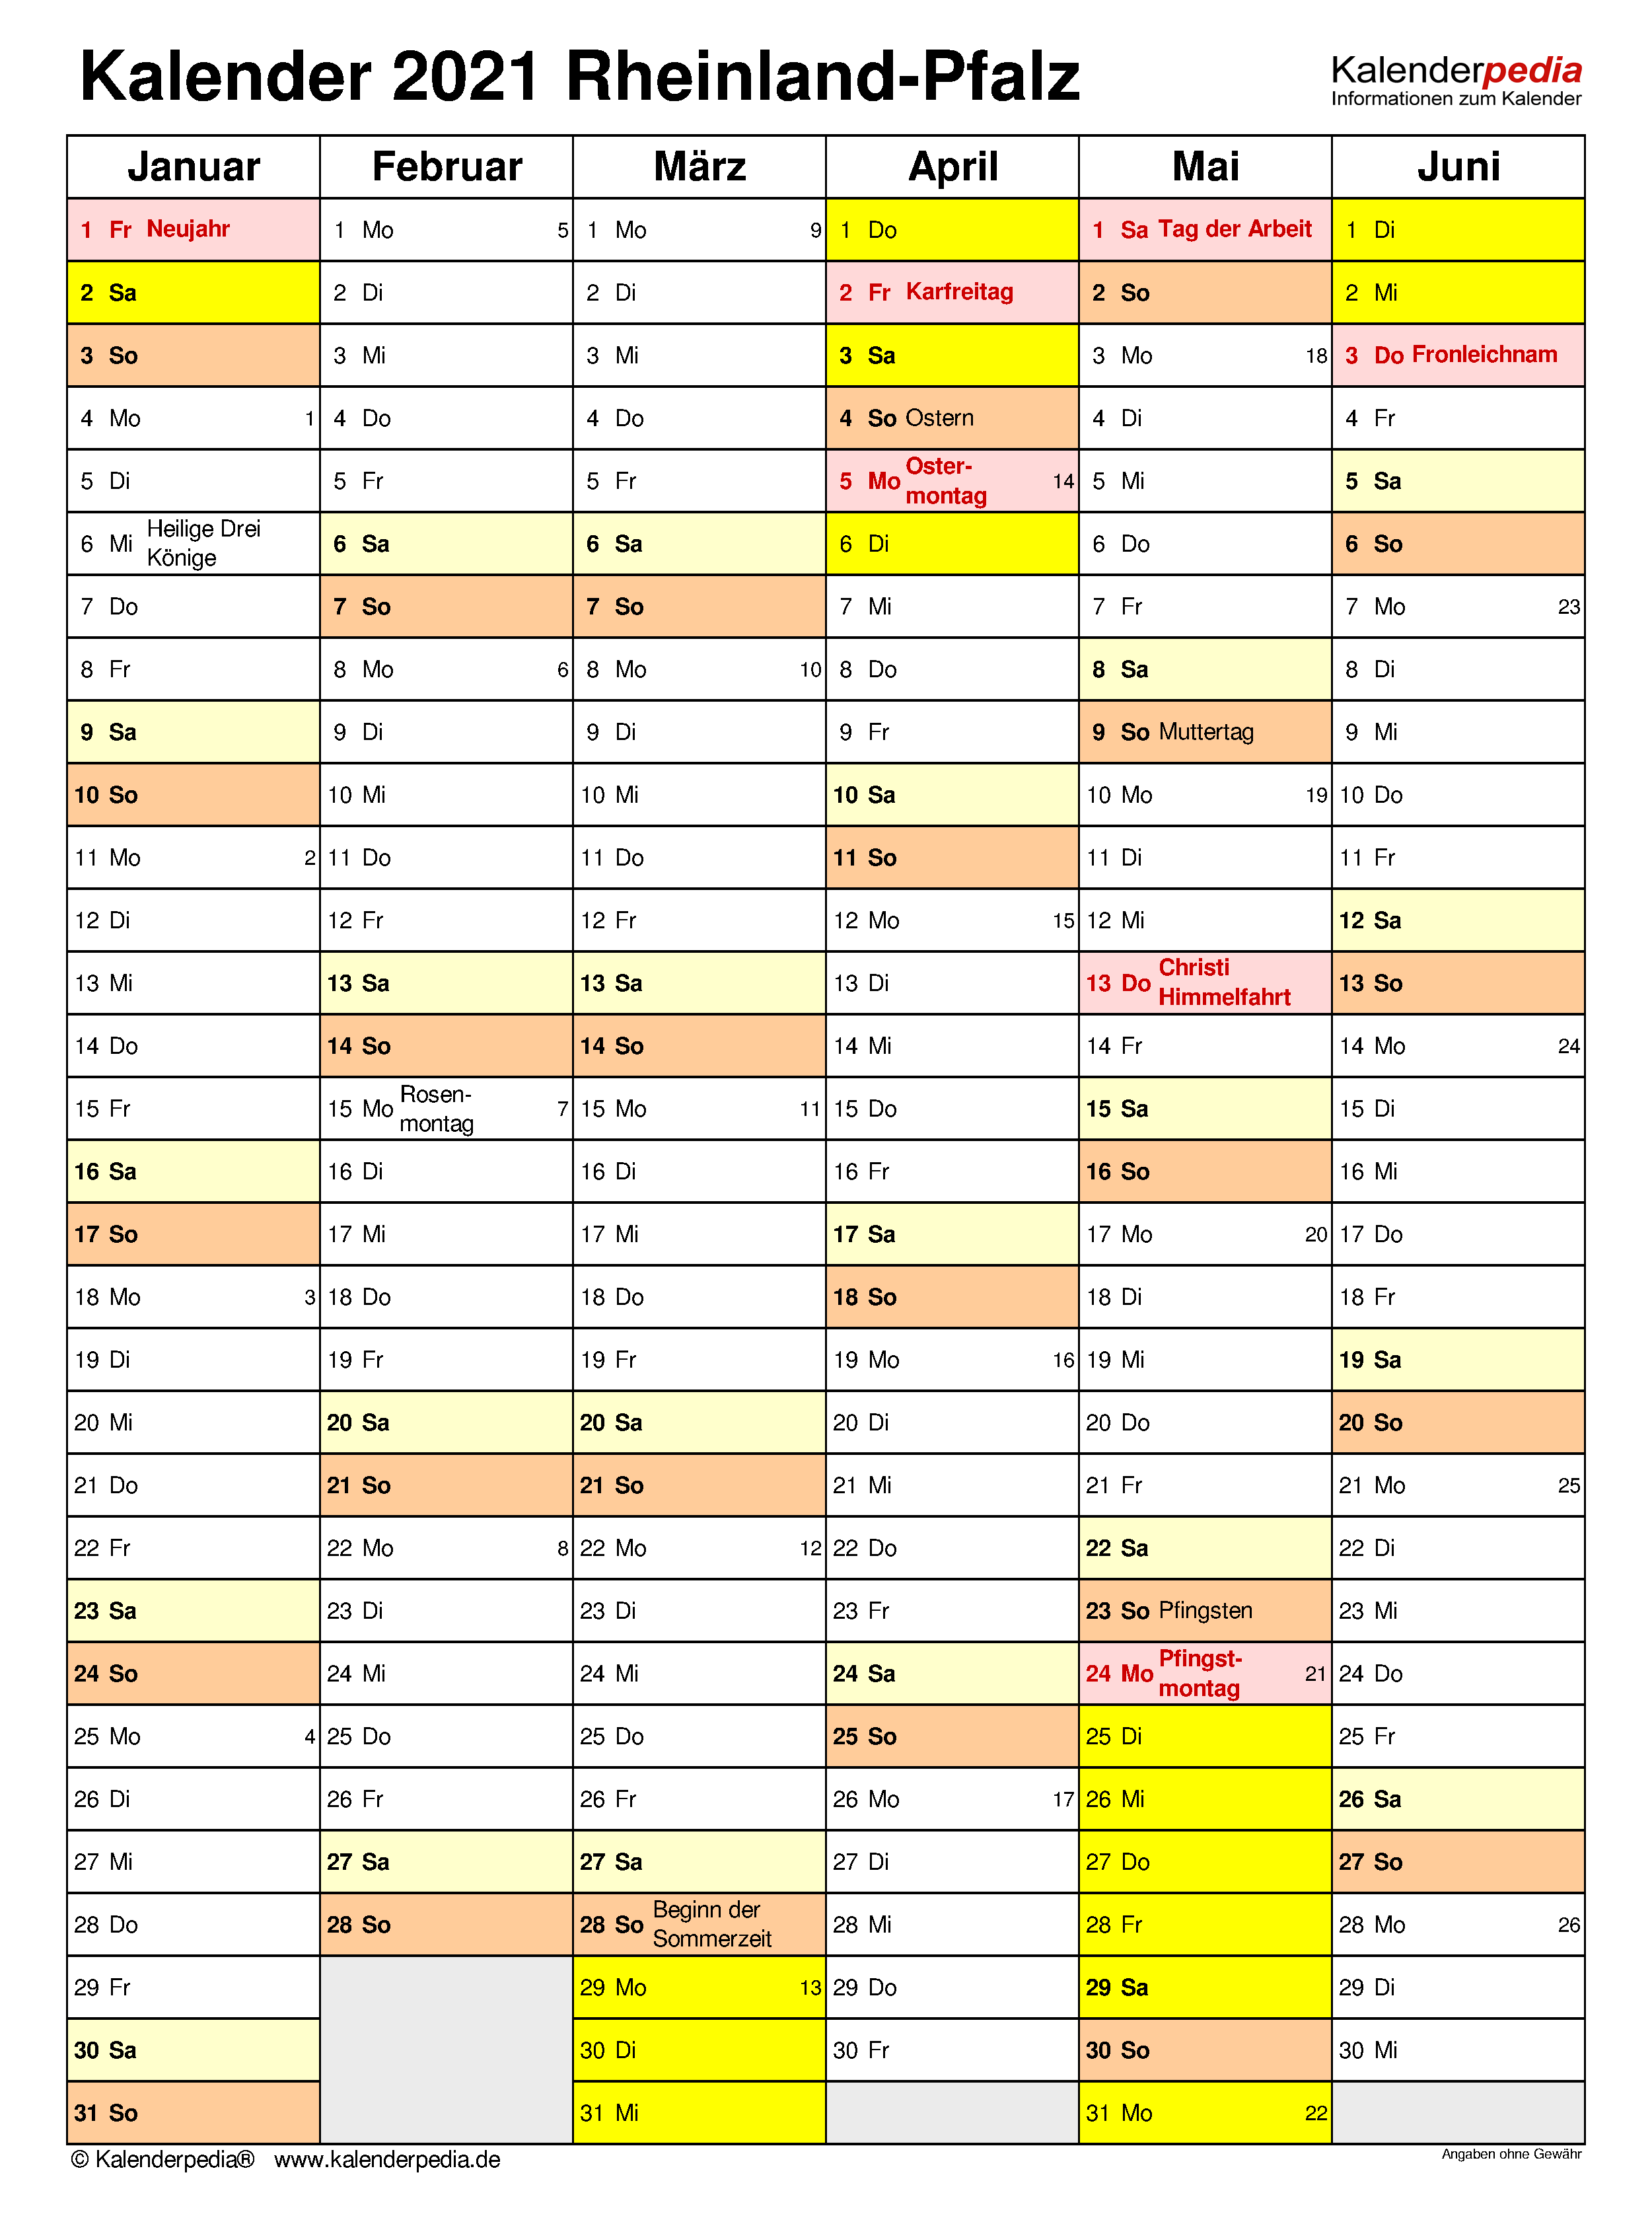 Kalender 2021 Rheinland-Pfalz: Ferien, Feiertage, PDF-Vorlagen